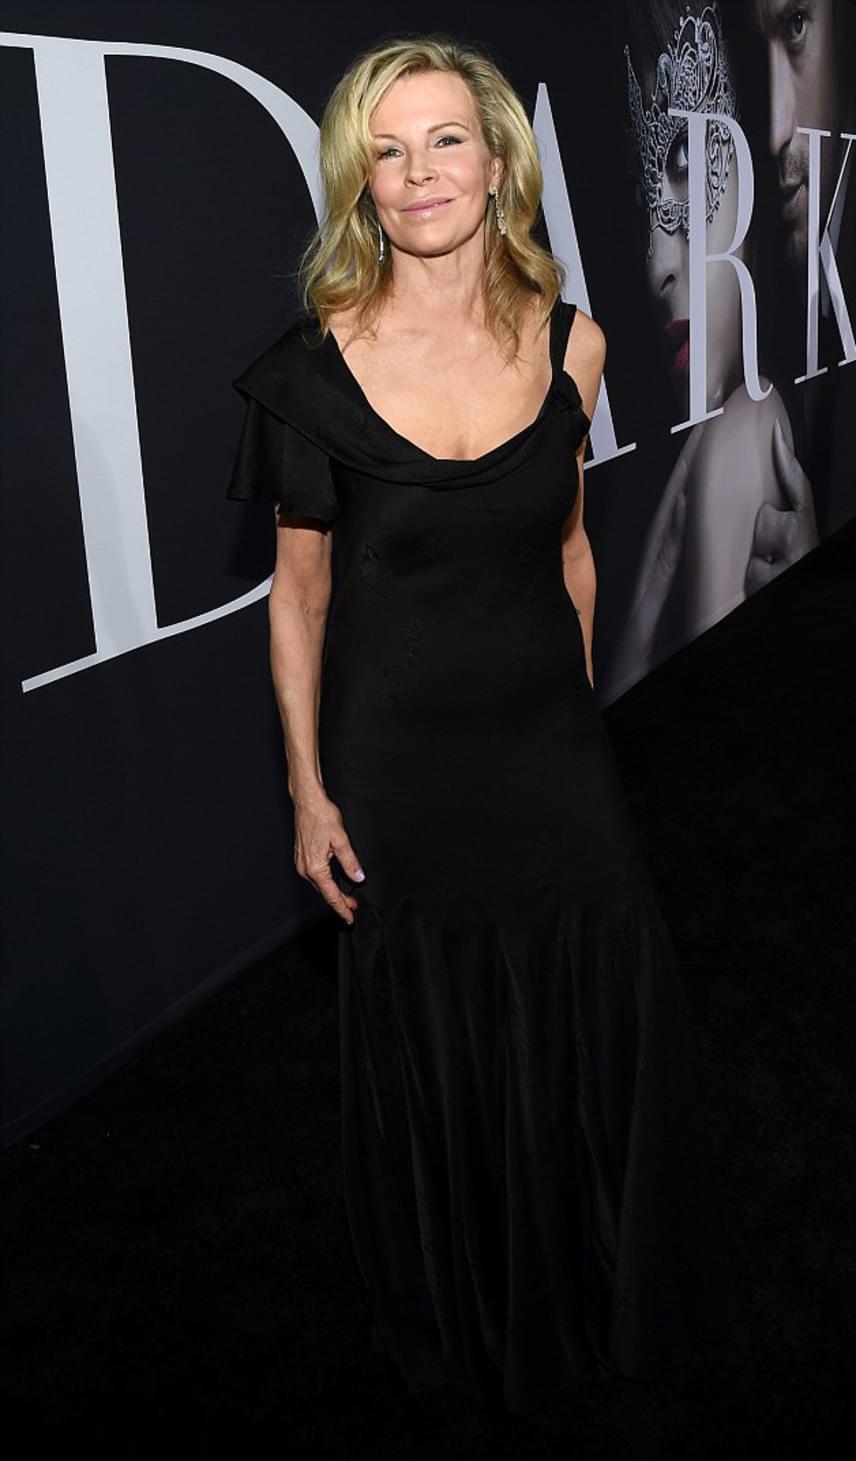 Az Oscar-díjas színésznő botoxtól merev mosolyát látva szomorúan konstatáltuk, hogy ő is túlzásba vitte a plasztikáztatást.